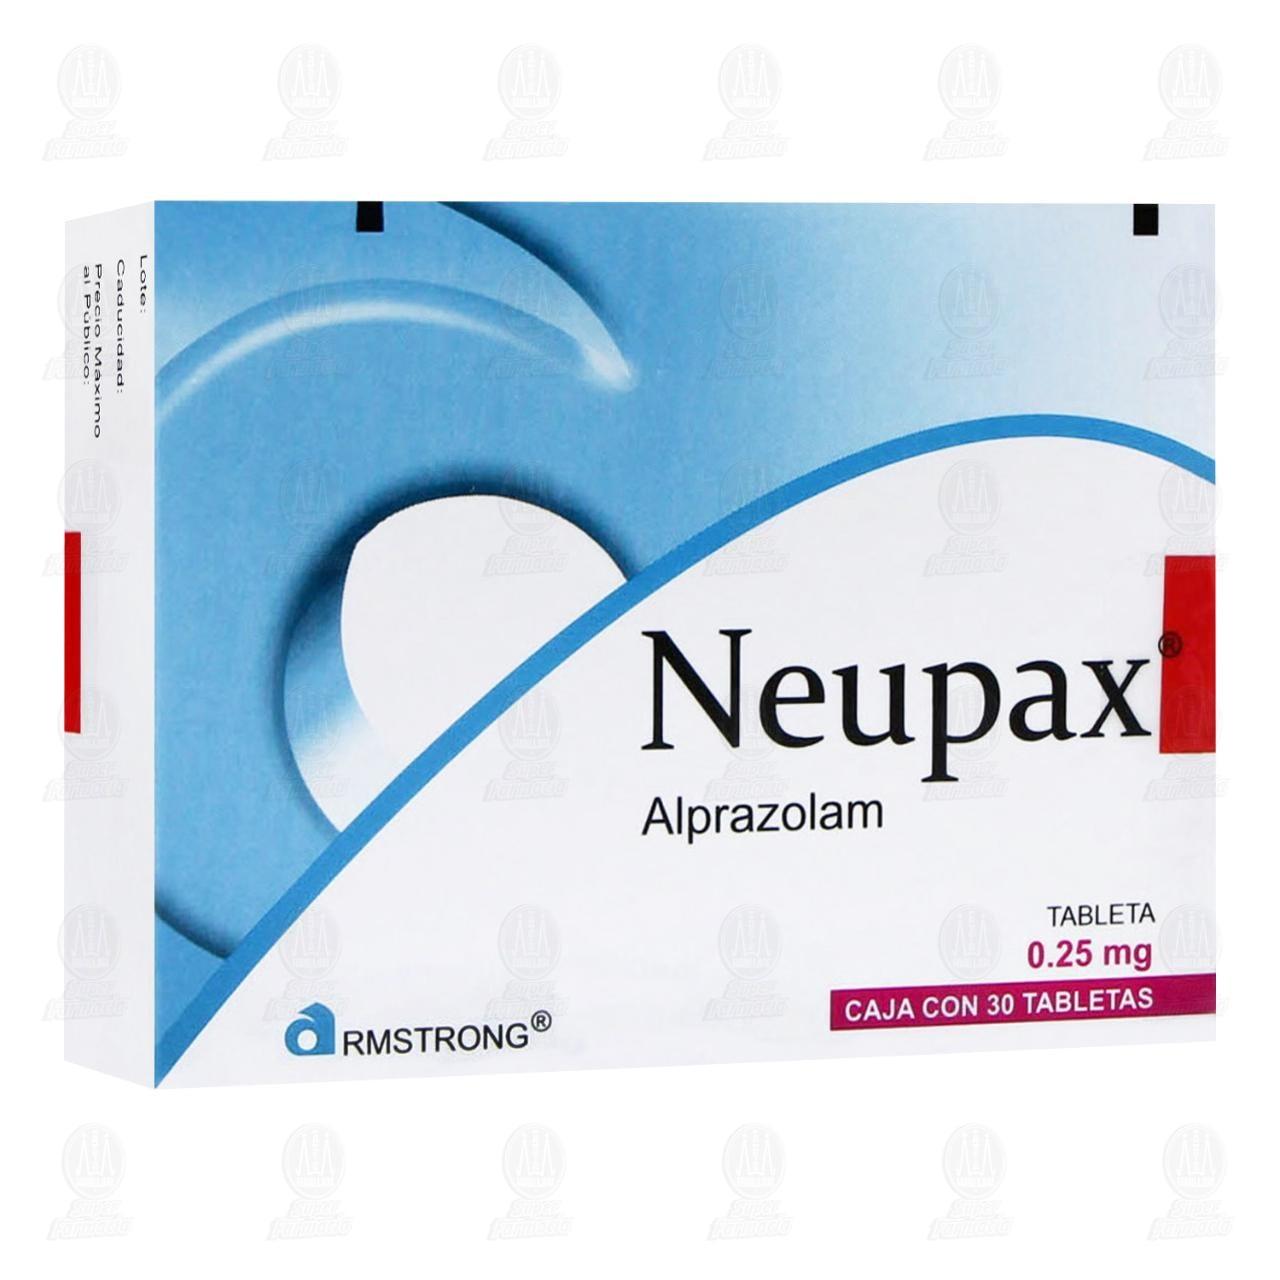 Comprar Neupax 0.25mg 30 Tabletas en Farmacias Guadalajara